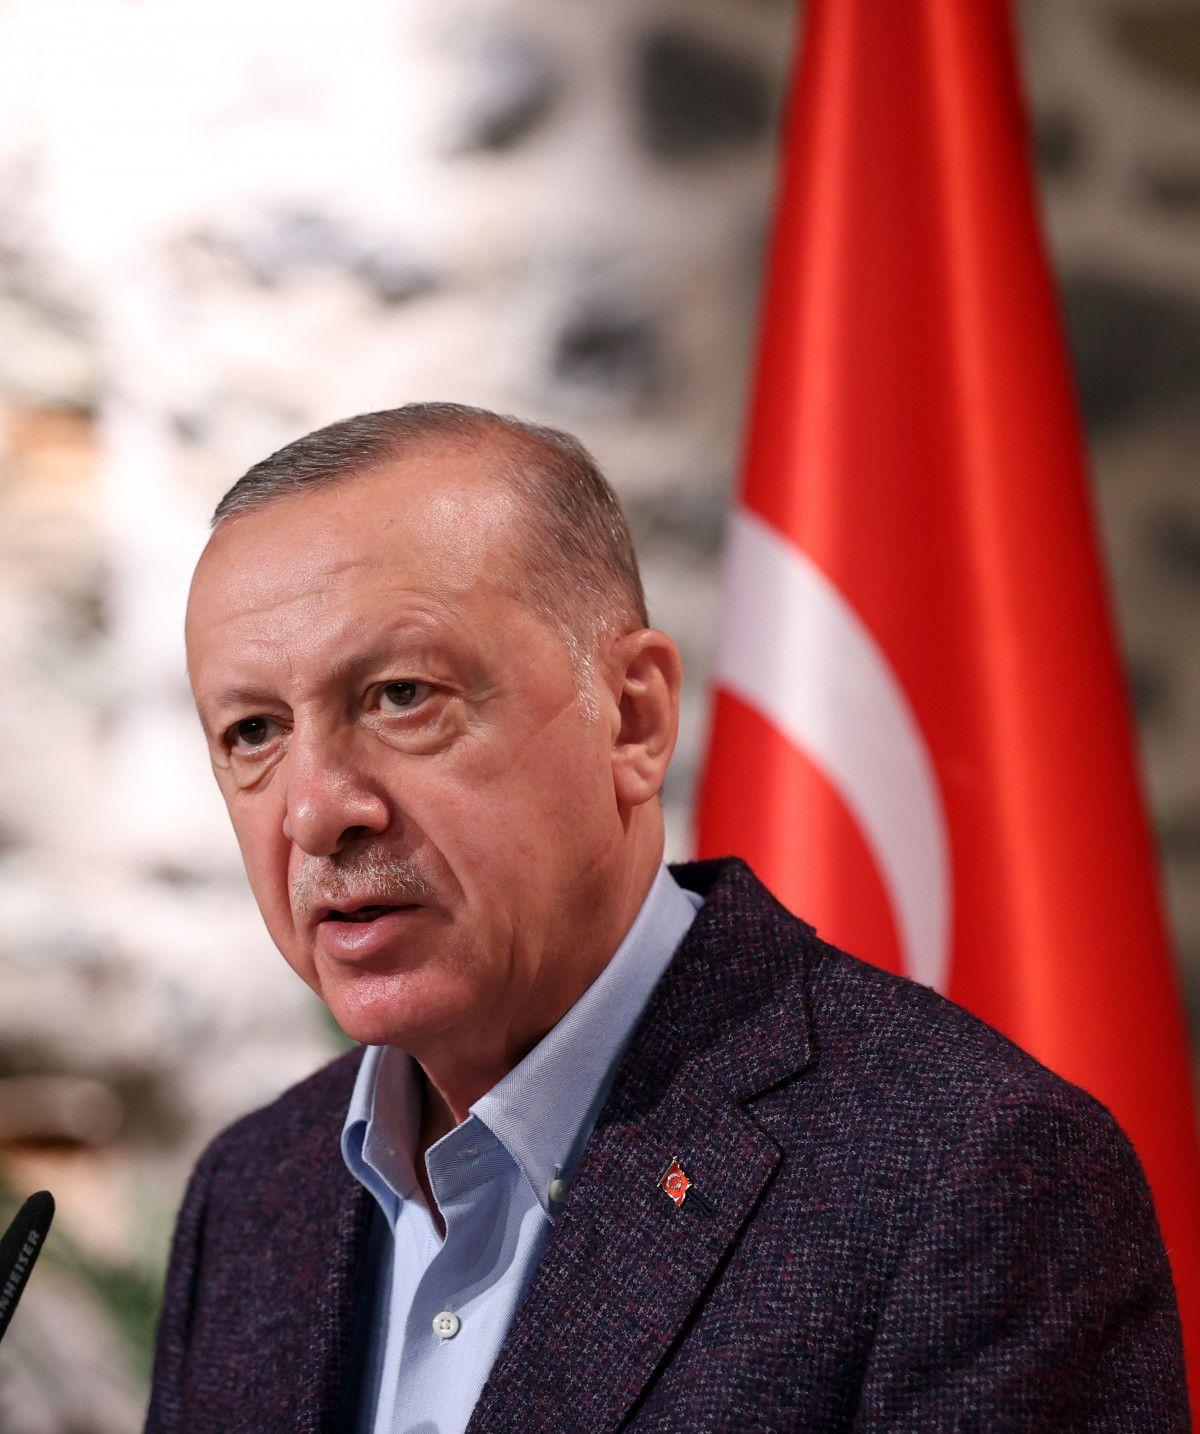 Cumhurbaşkanı Erdoğan, Uluslararası Demokratlar Birliği heyetiyle görüştü #7